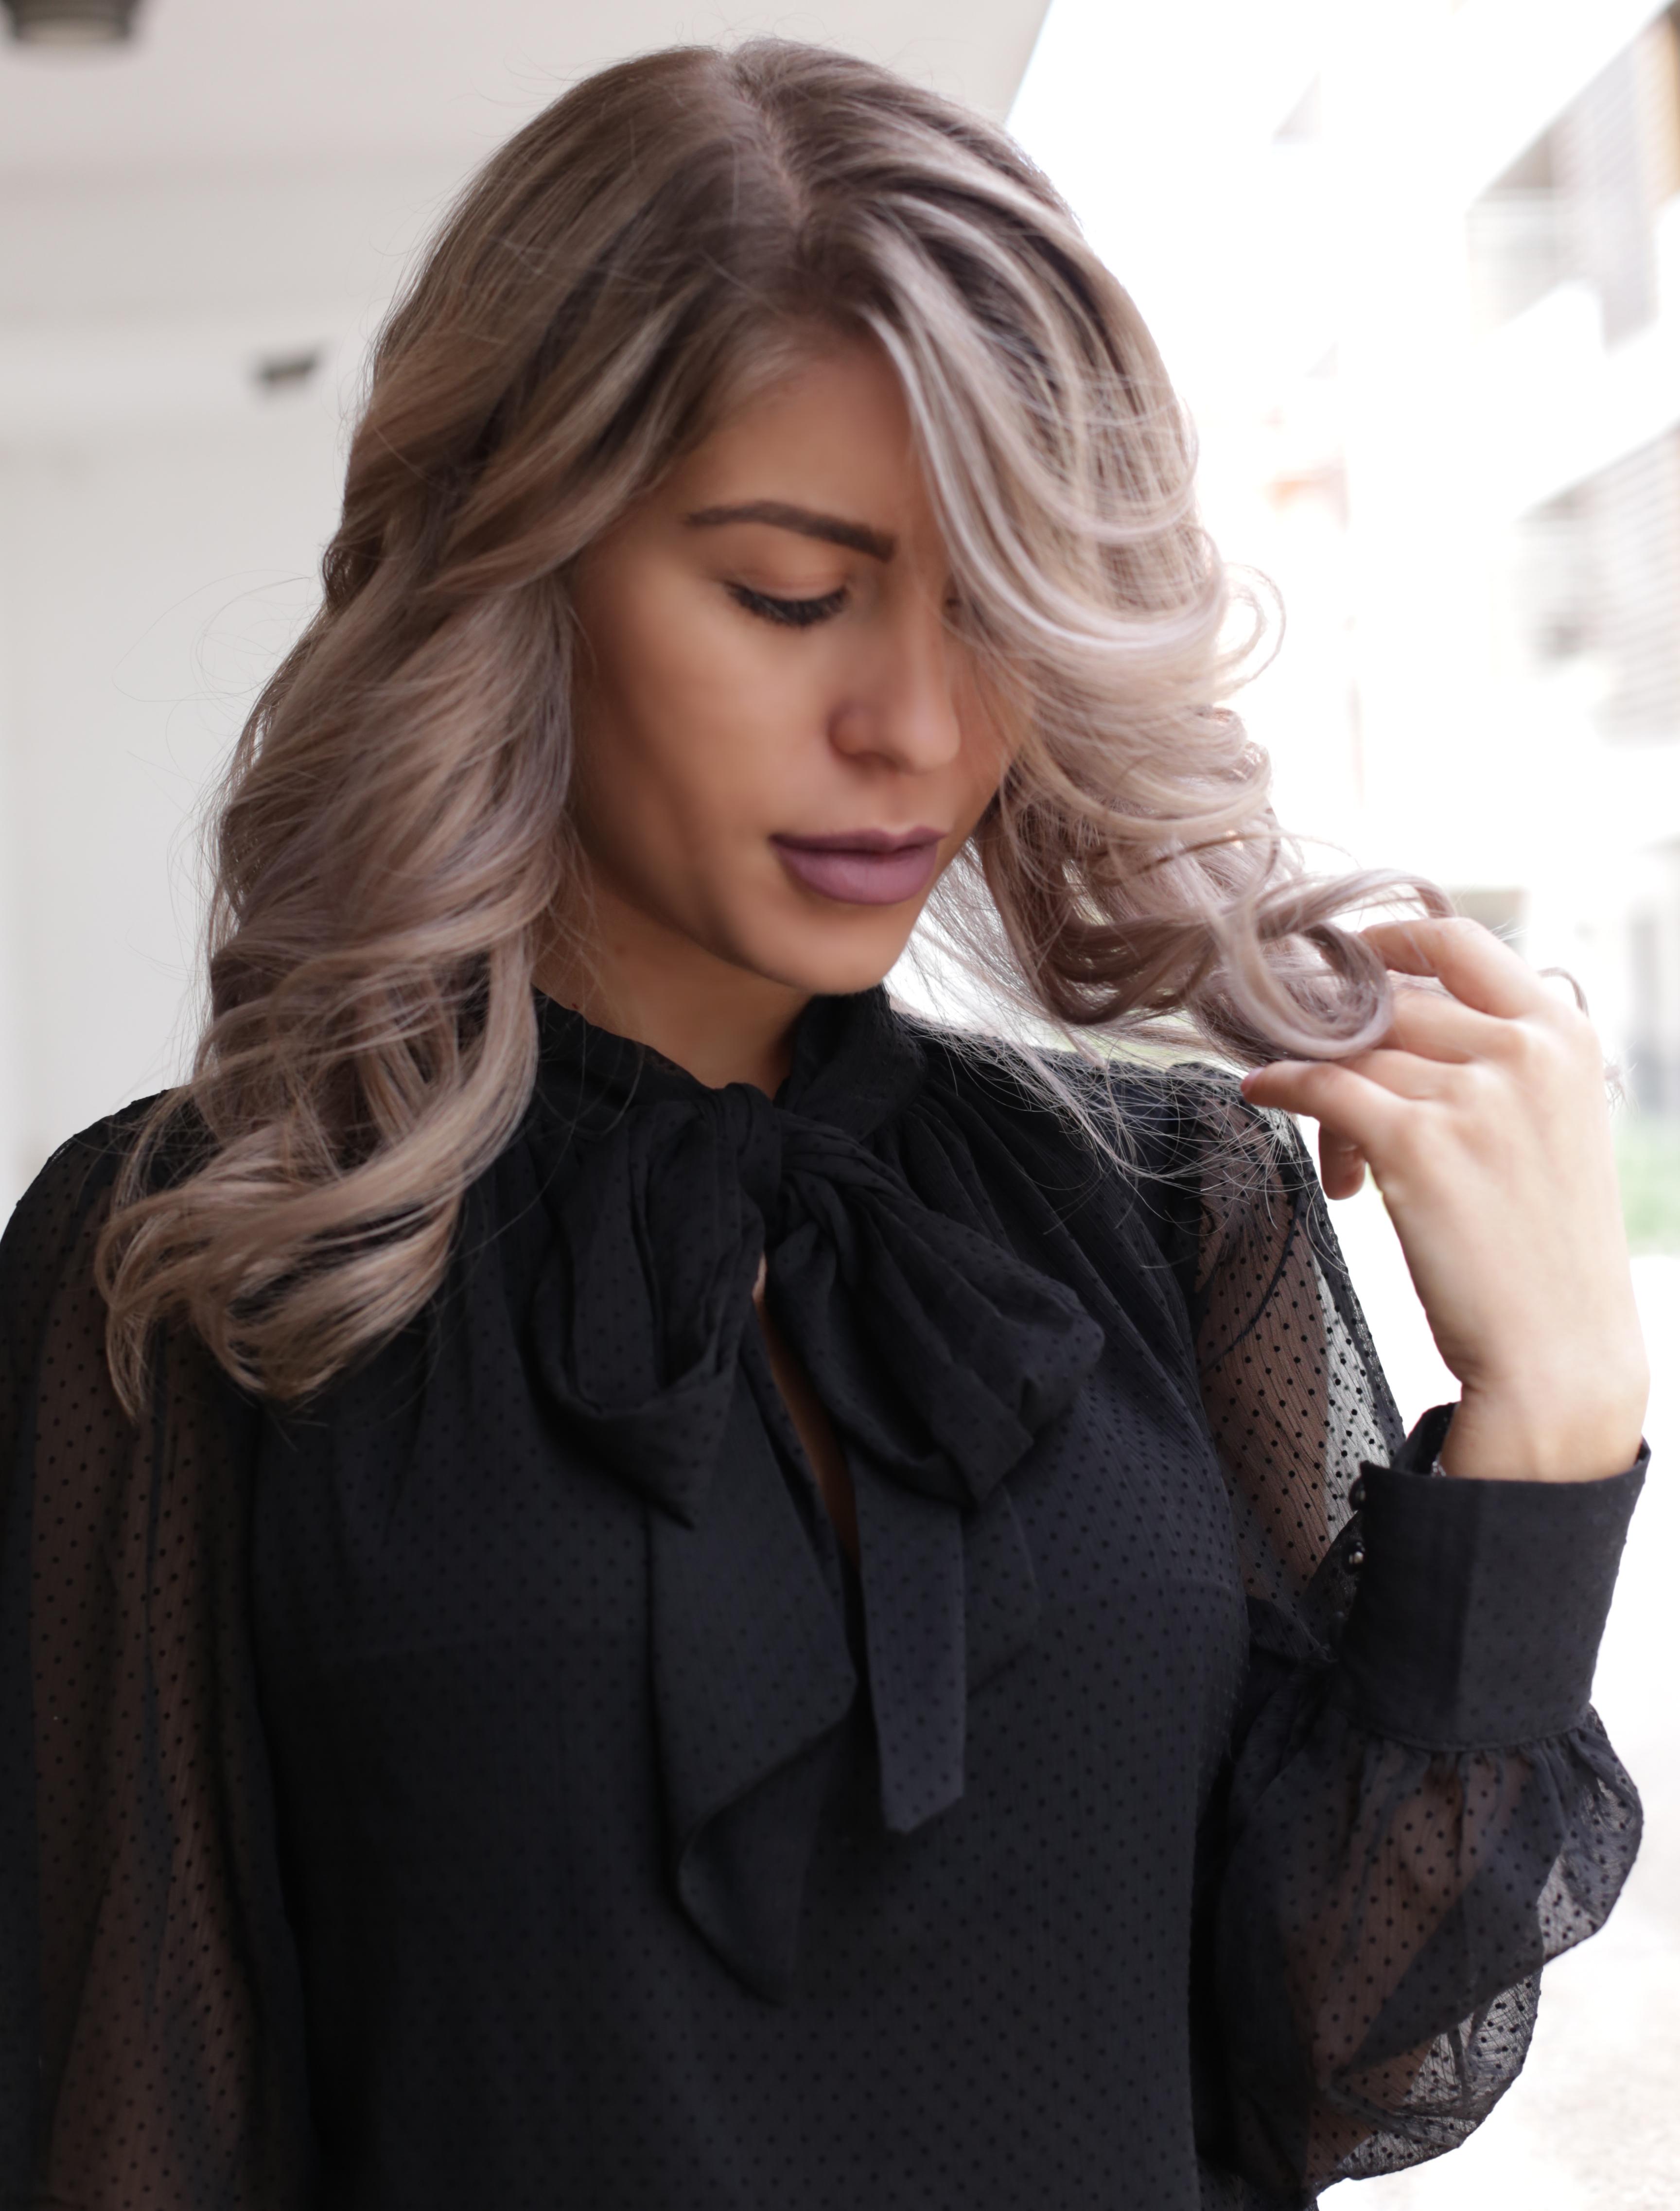 Cum obținem părul gri mult visat